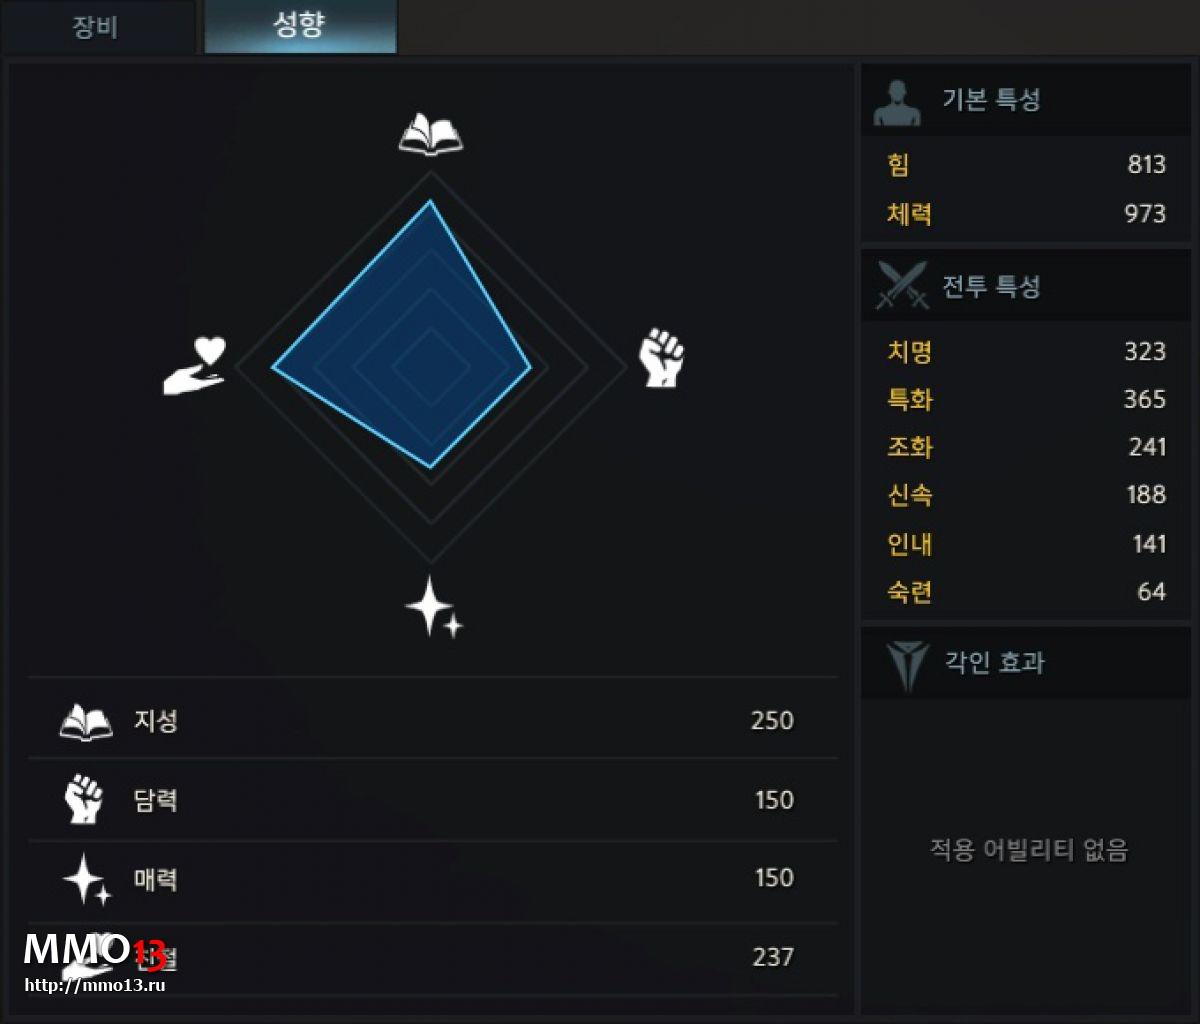 Lost Ark: обновленная графика локаций, склонность персонажей и отношения с NPC 23868